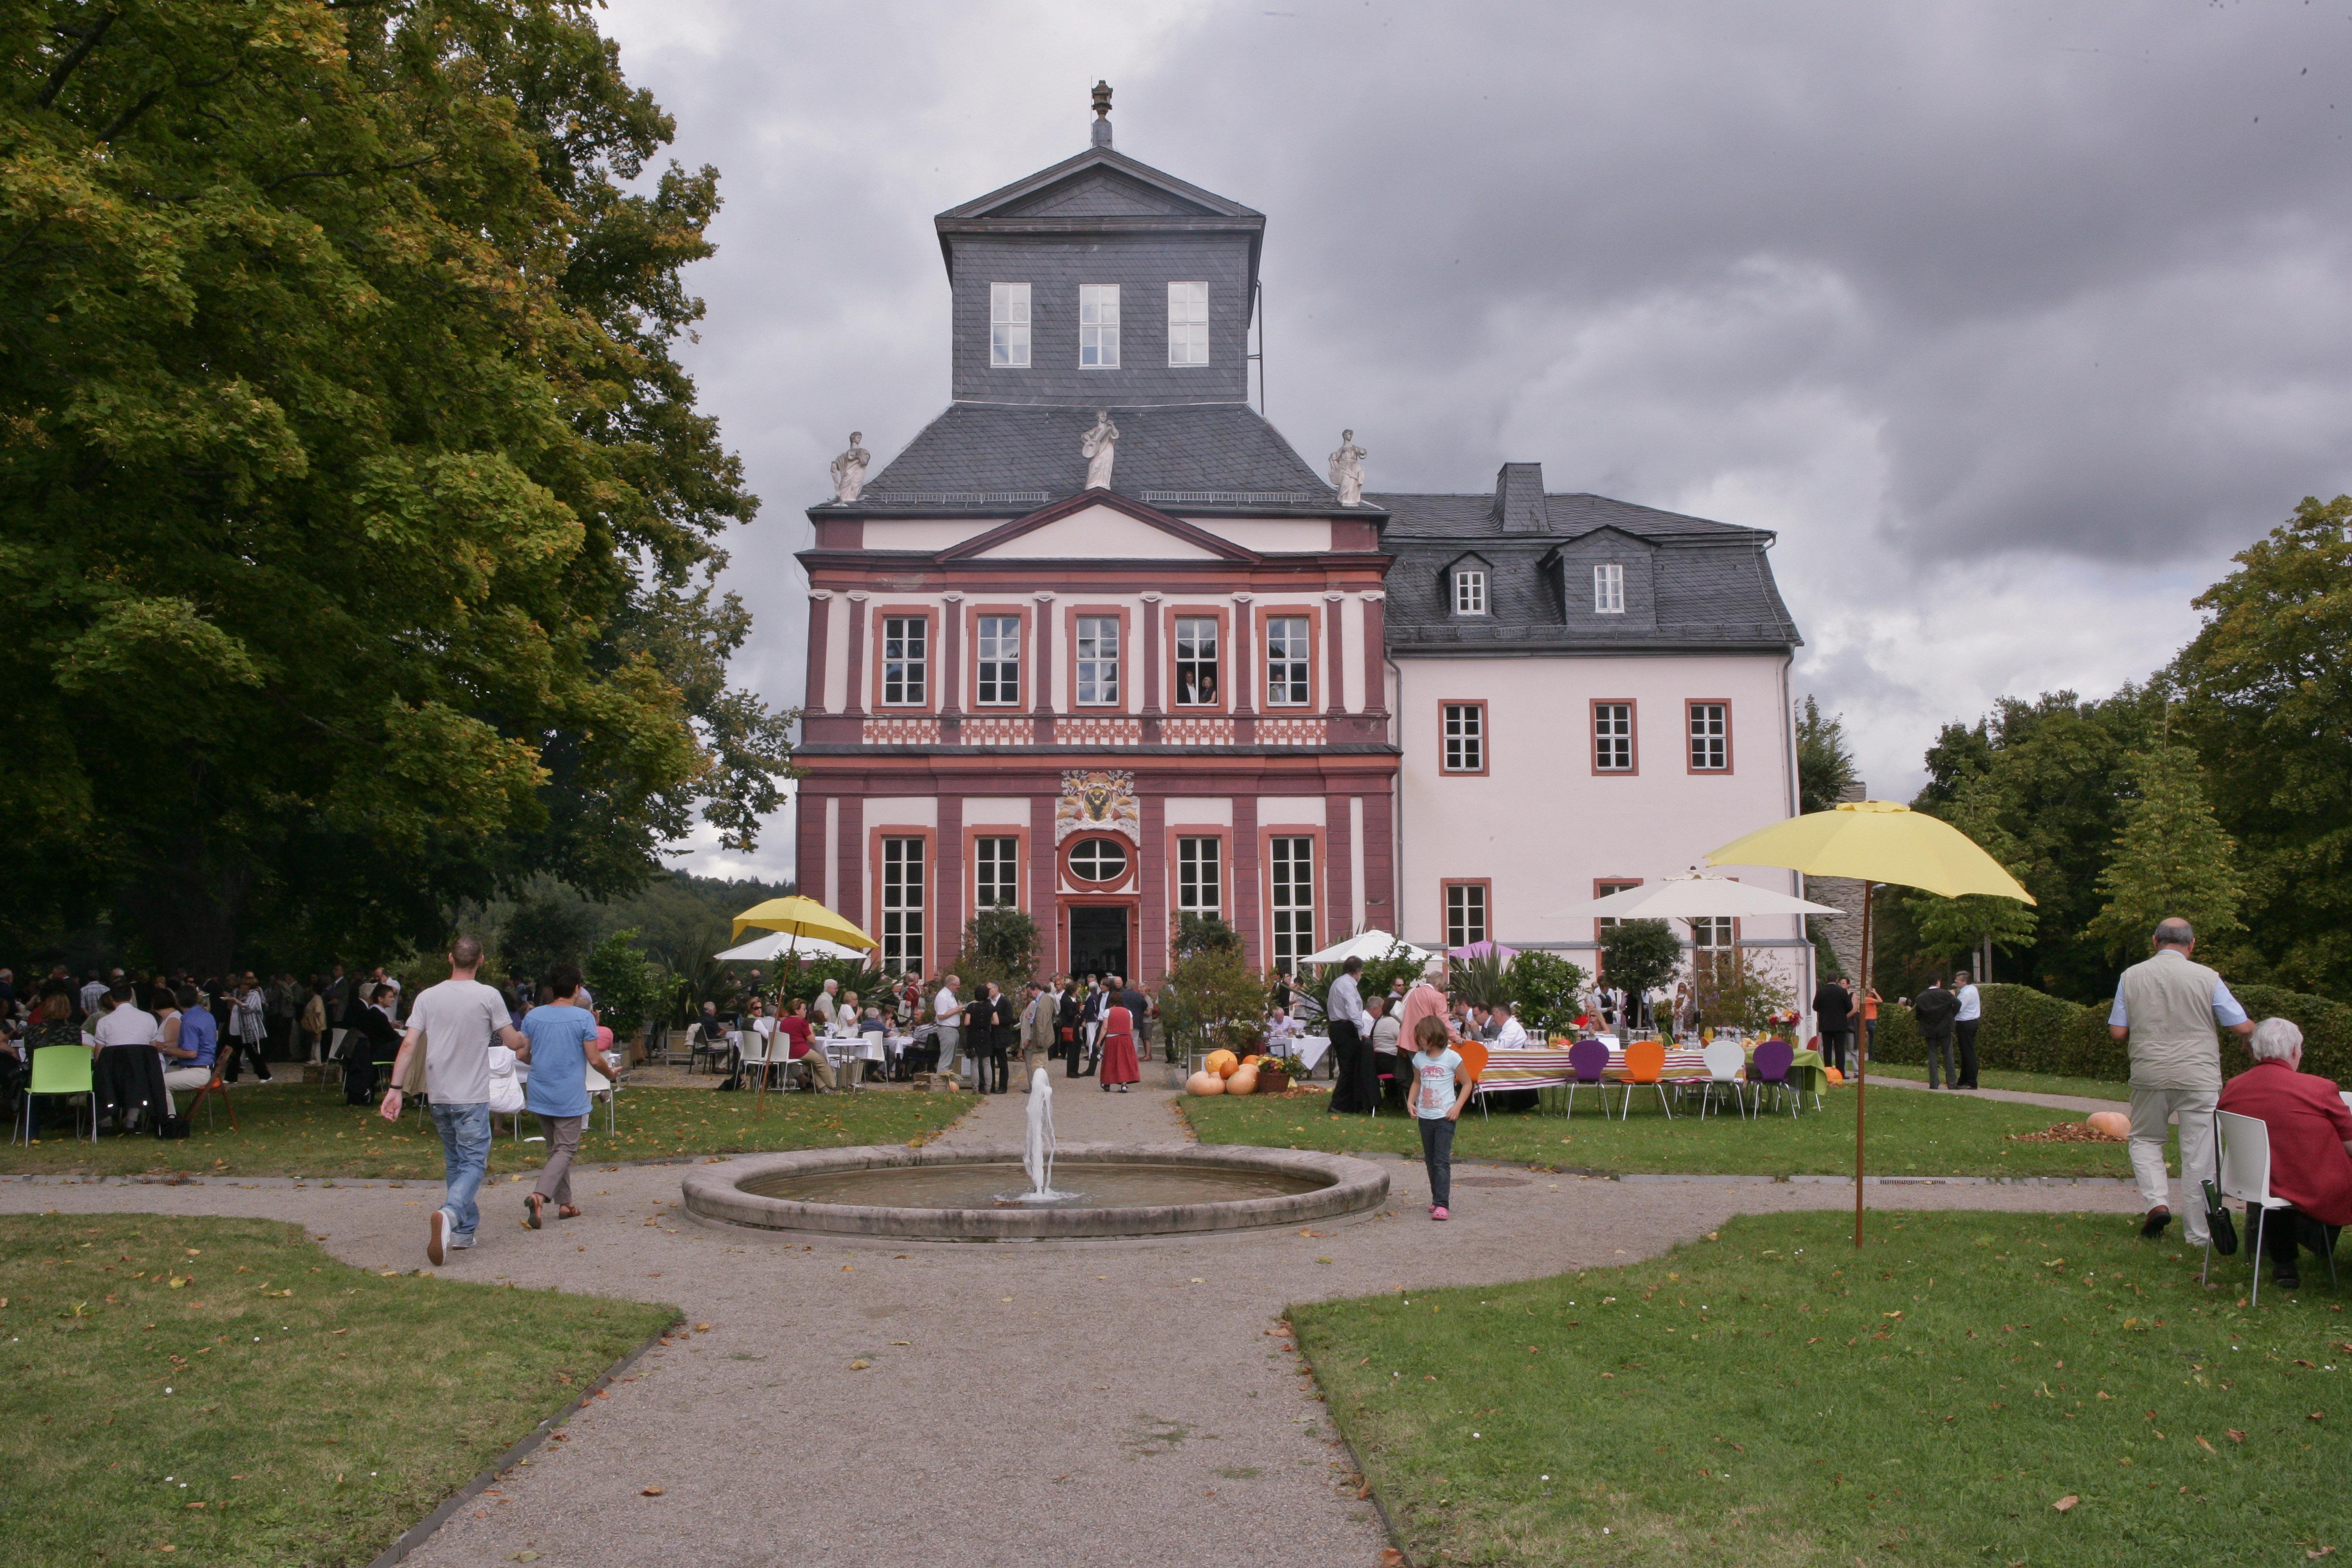 Blick auf Schloss mit Springbrunnen vorne und im Park sitzenden Gästen